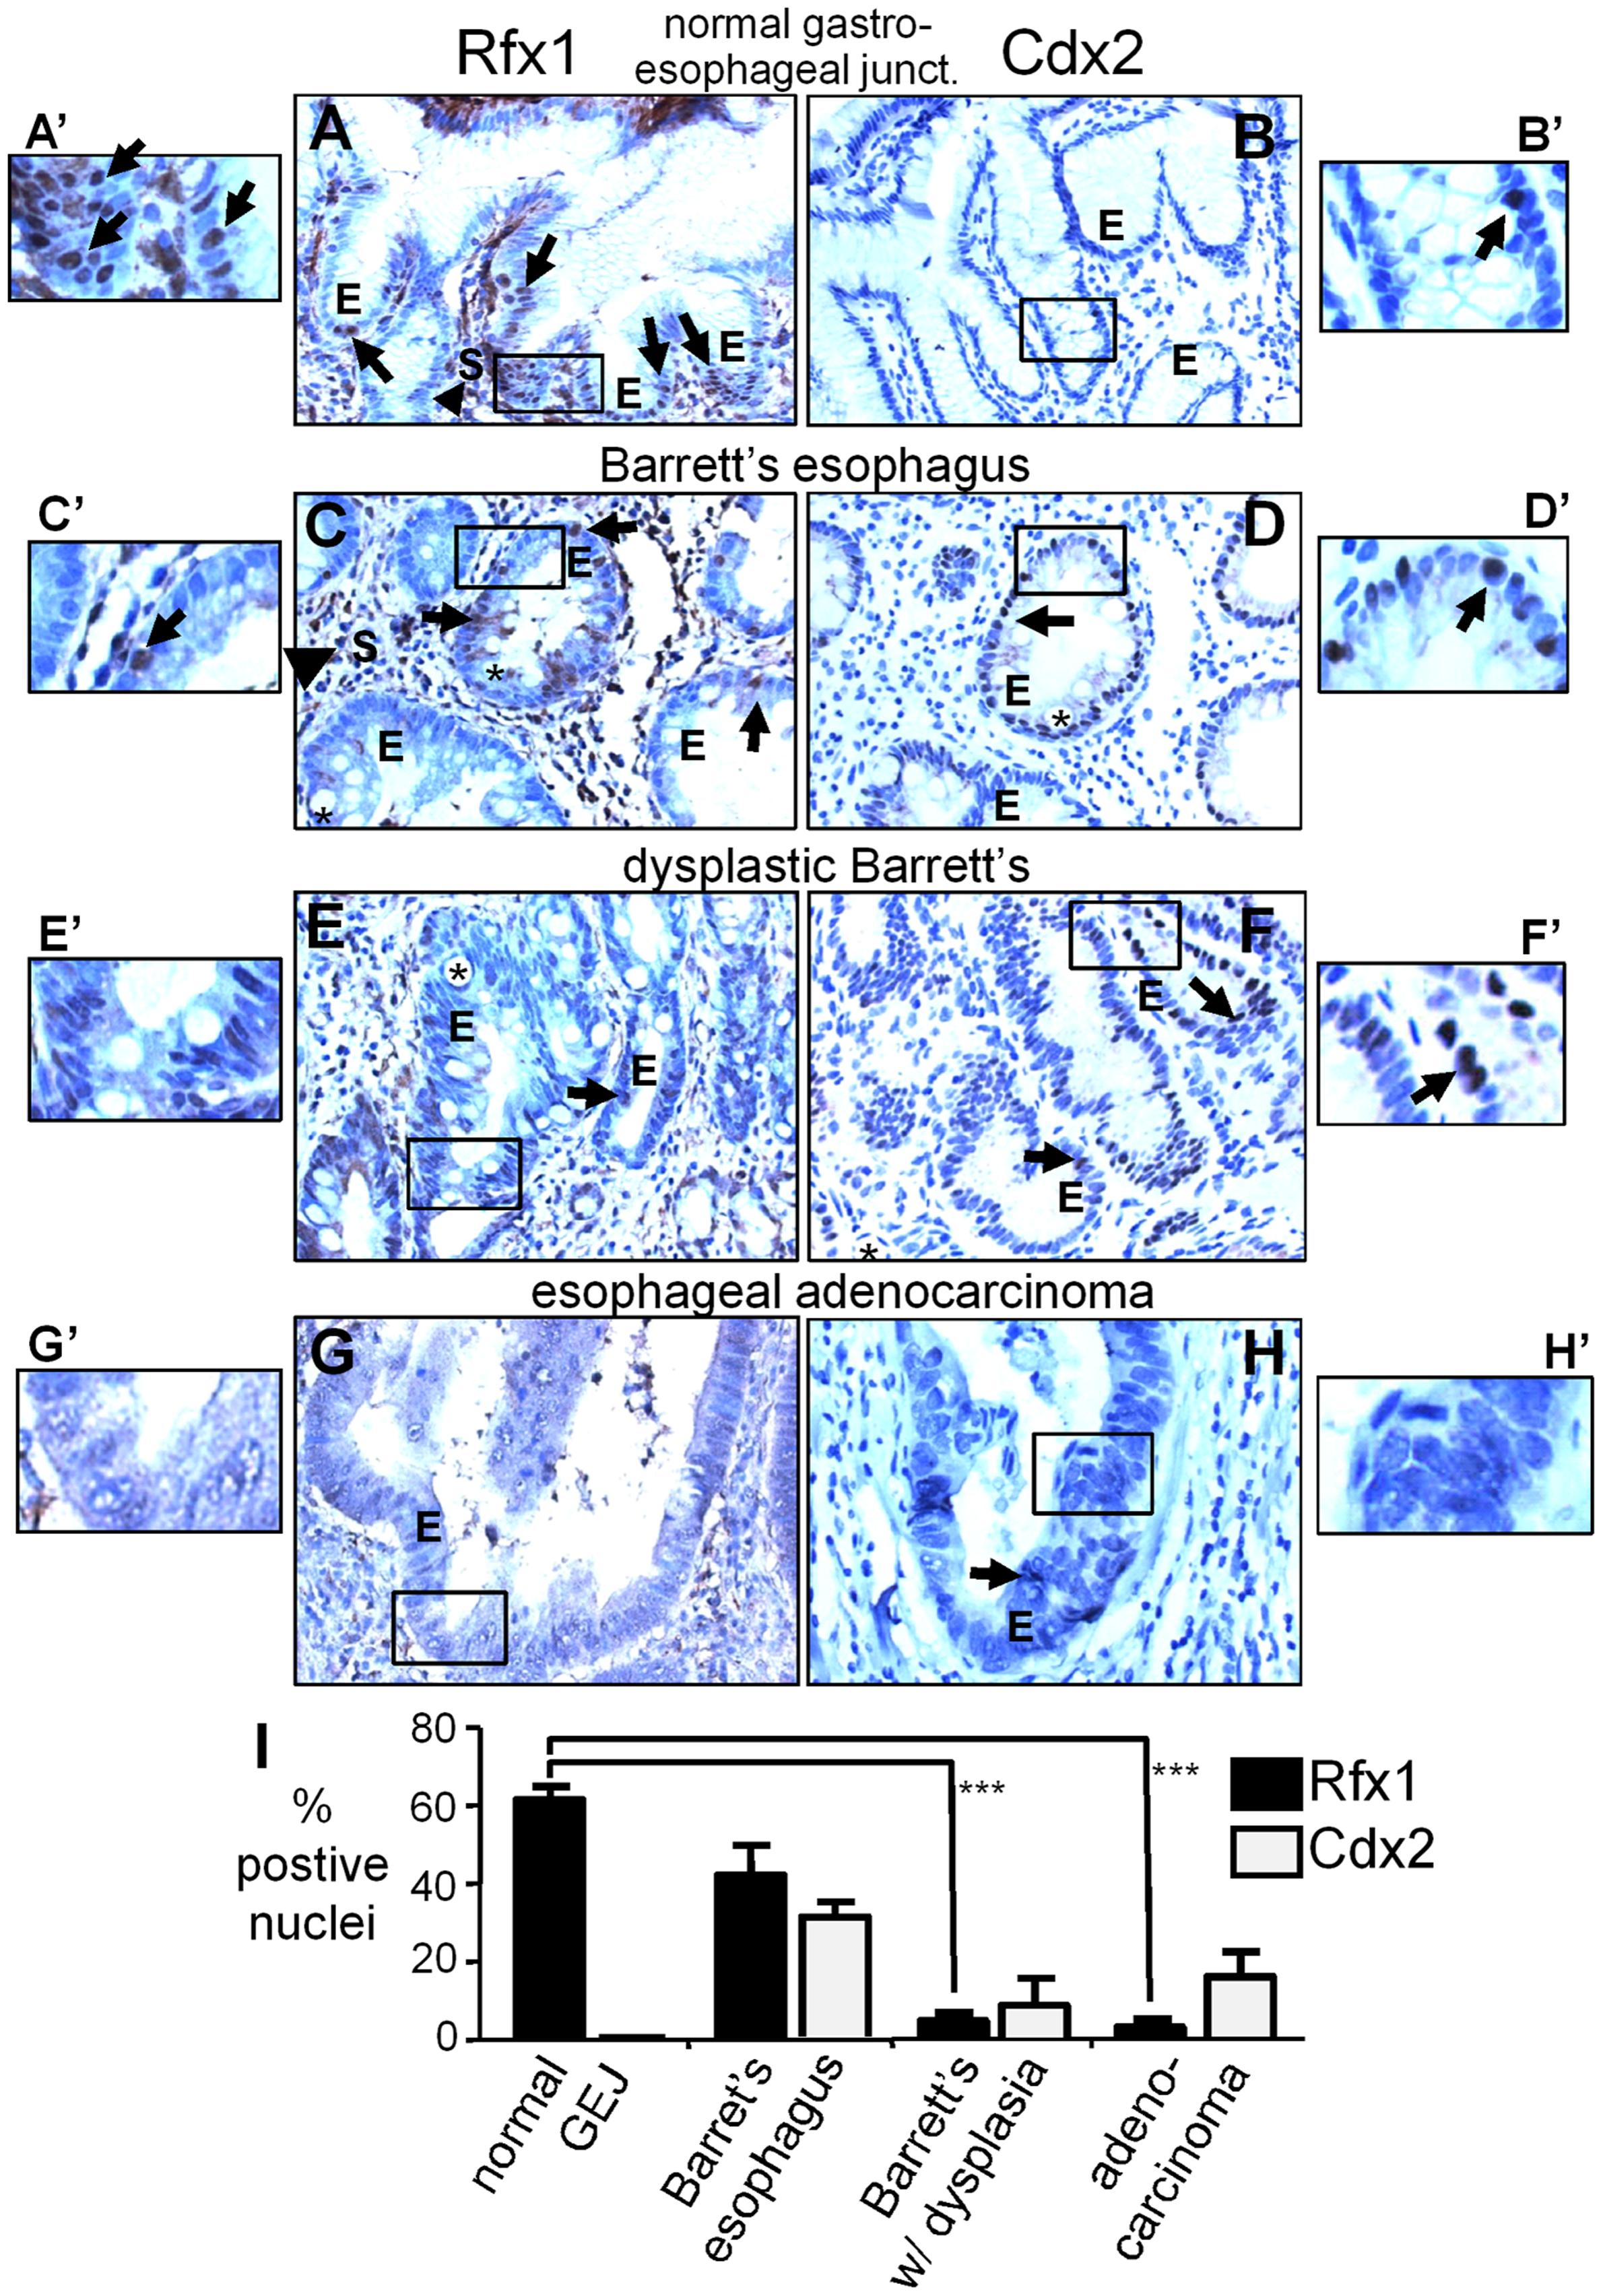 Rfx1 downregulation in esophageal adenocarcinoma.